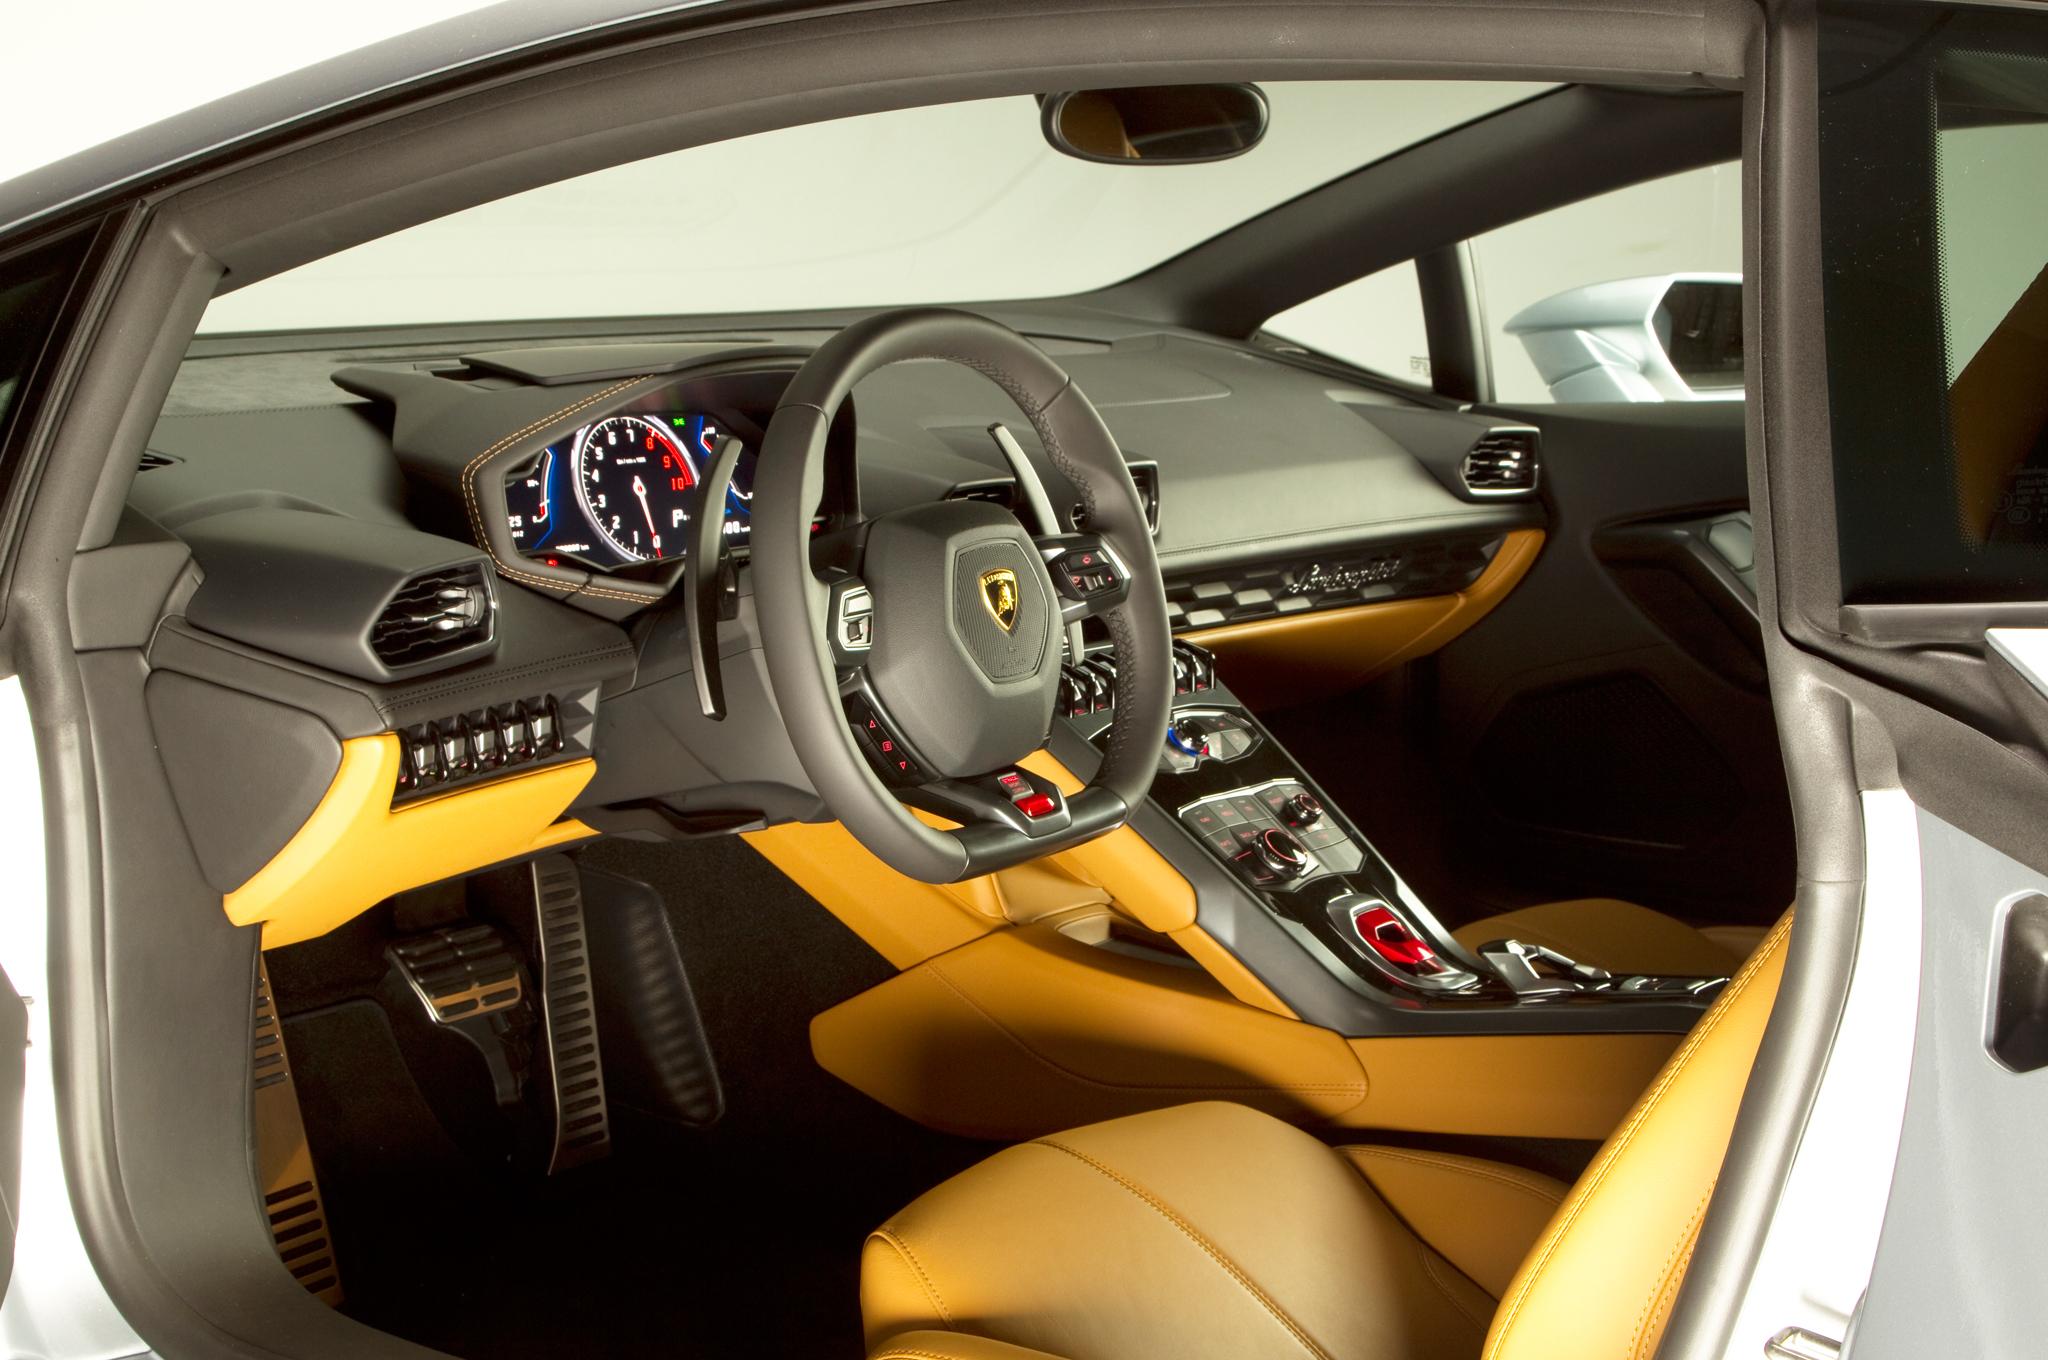 http—image.motortrend.com-f-roadtests-exotic-1312_2015_lamborghini_huracan_first_look-59411996-2015-Lamborghini-Huracan-interior